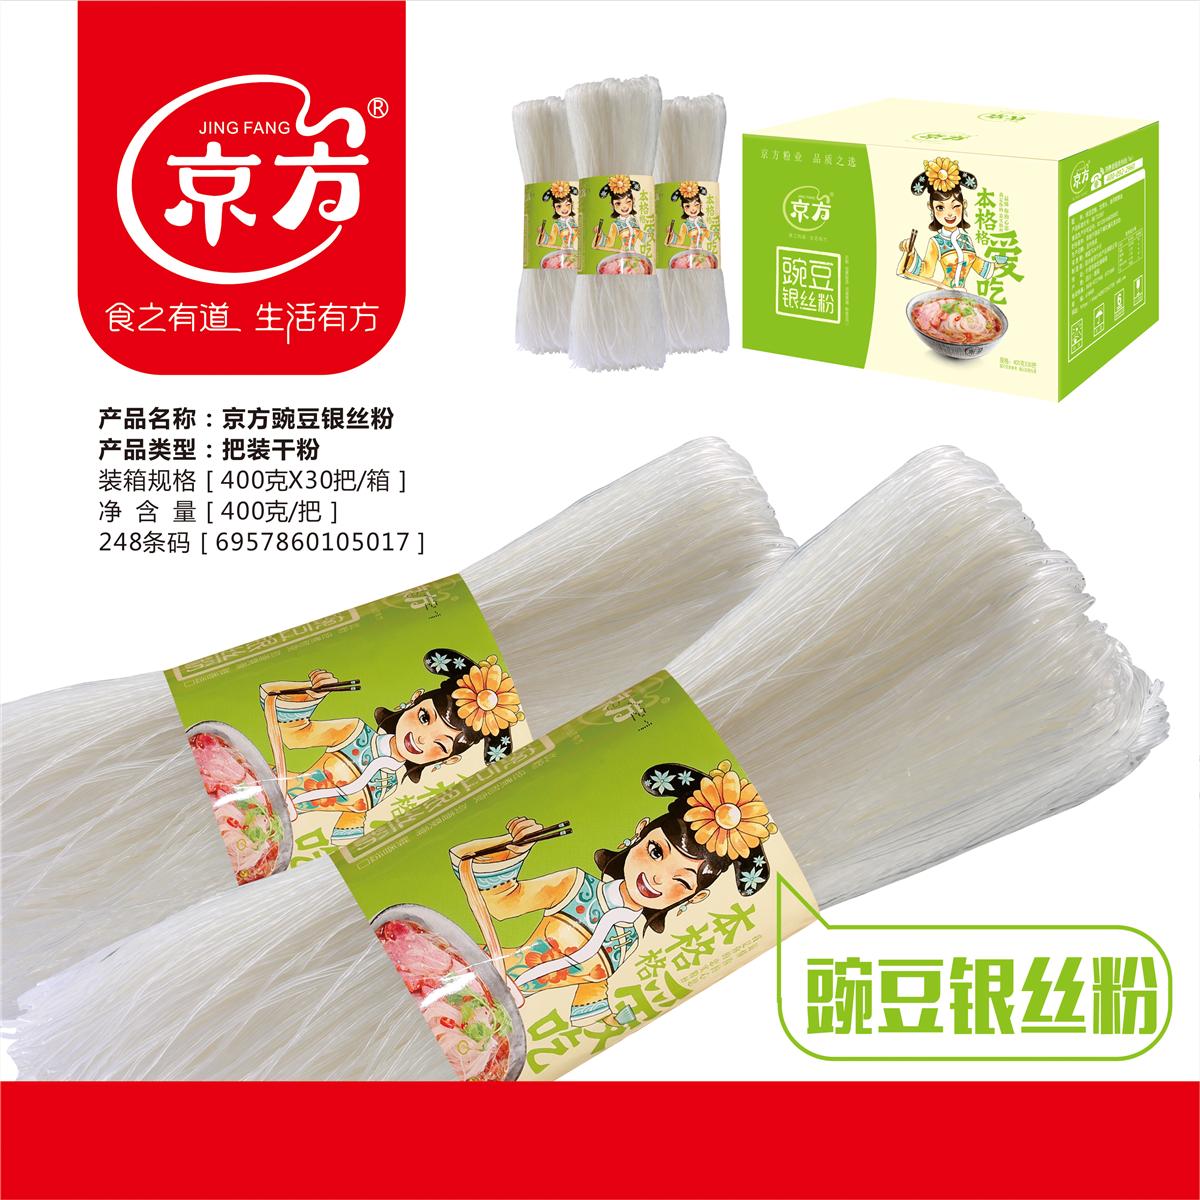 豌豆lehu6vip银丝粉